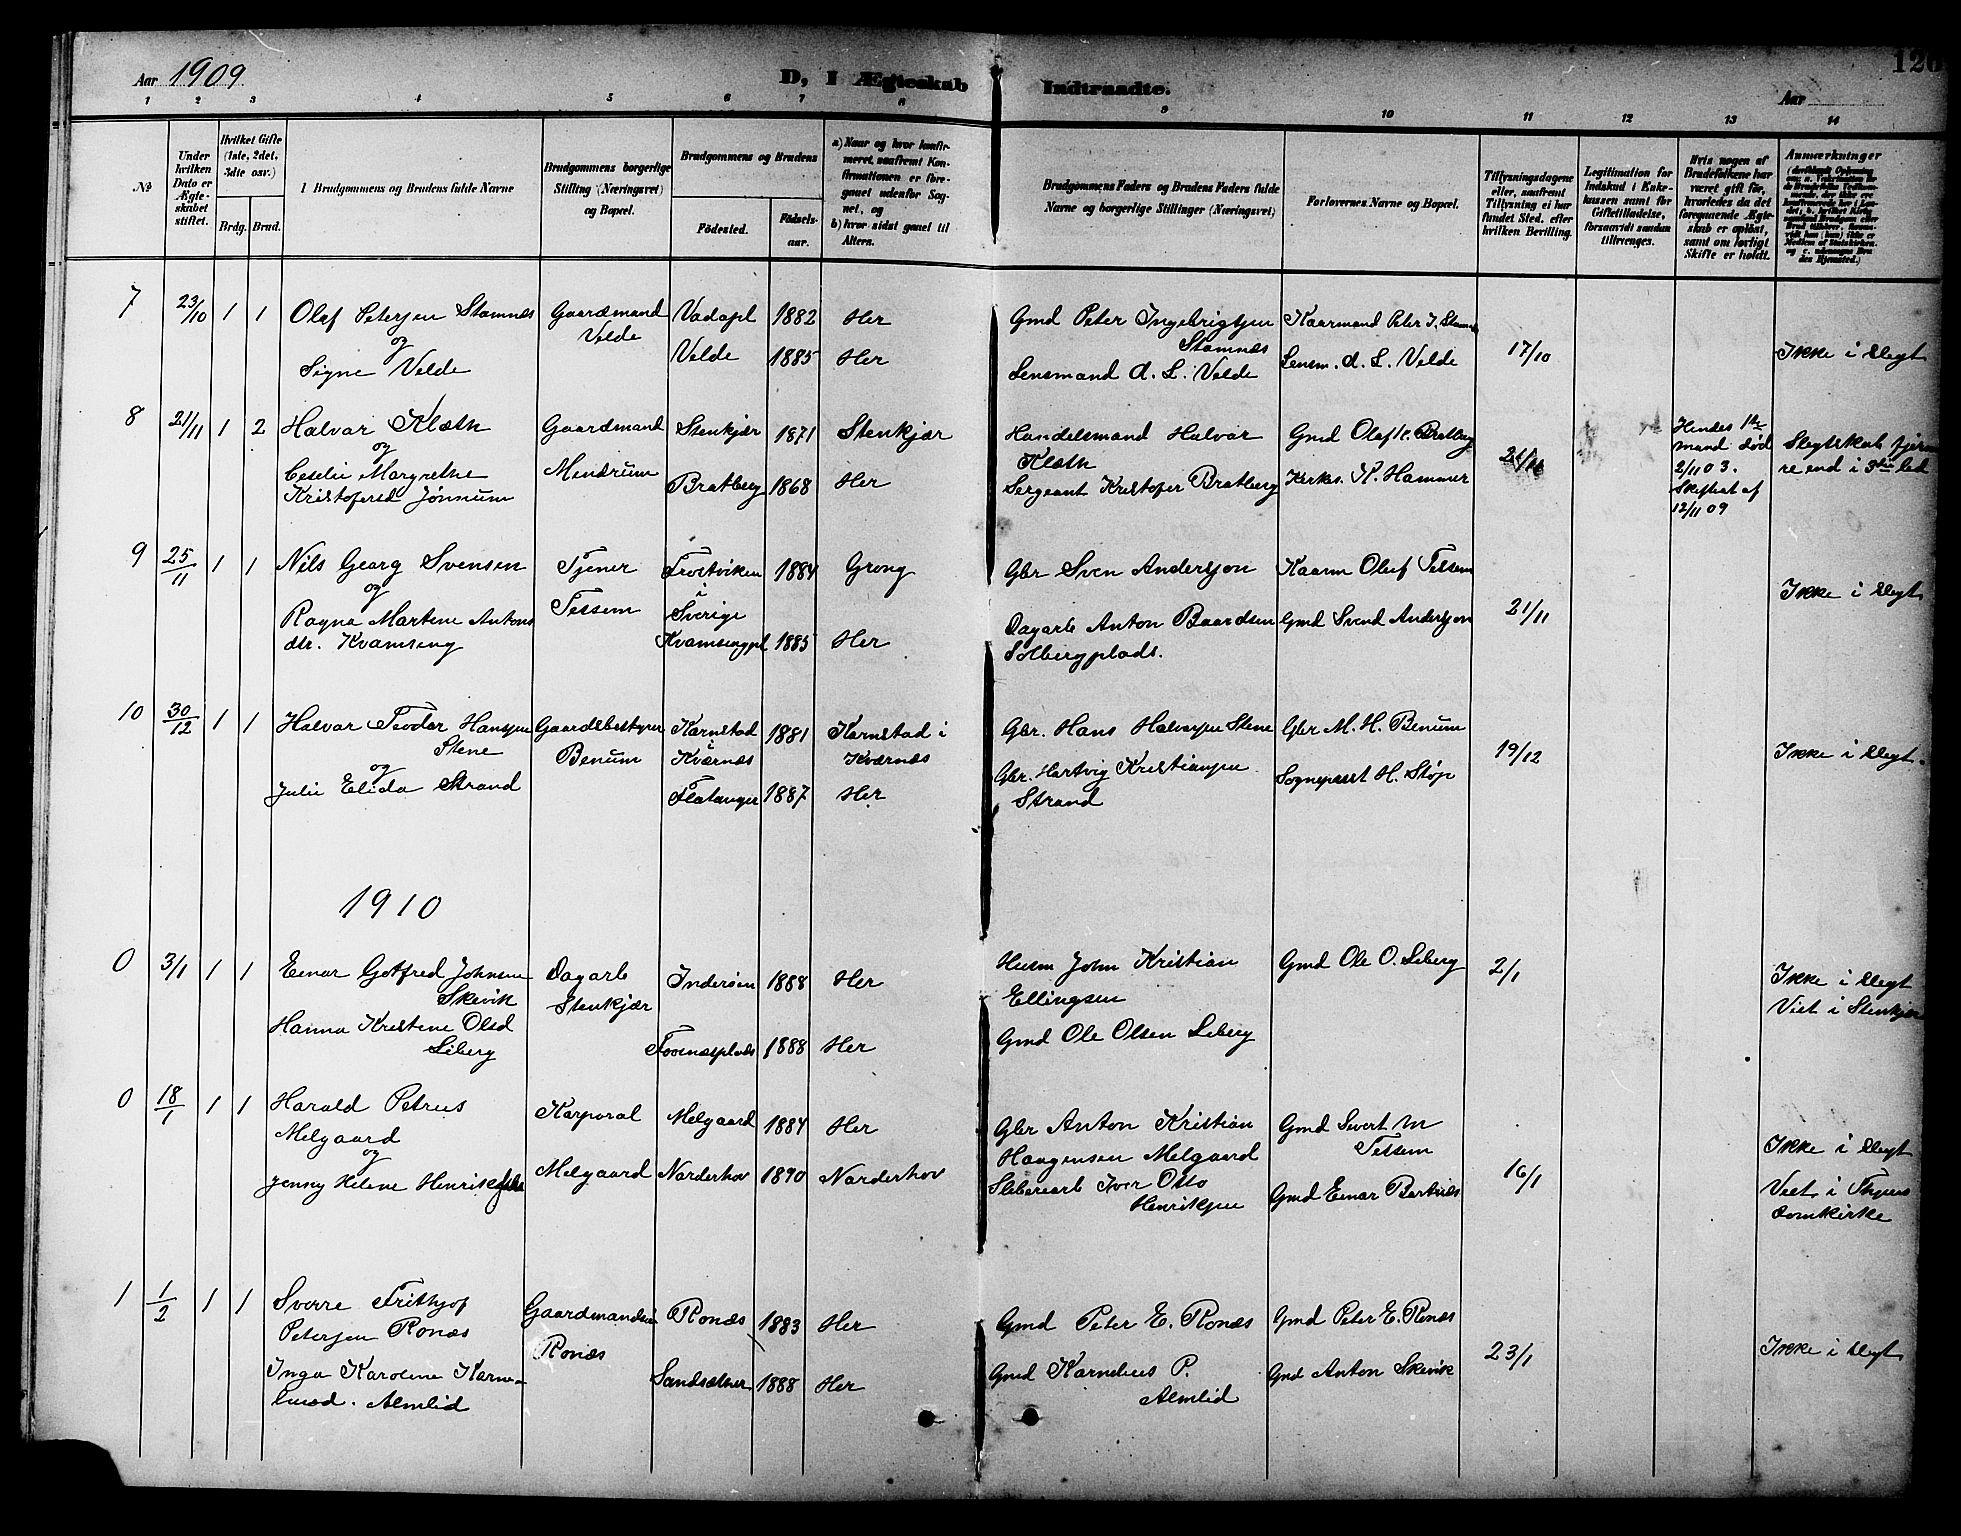 SAT, Ministerialprotokoller, klokkerbøker og fødselsregistre - Nord-Trøndelag, 741/L0401: Klokkerbok nr. 741C02, 1899-1911, s. 126